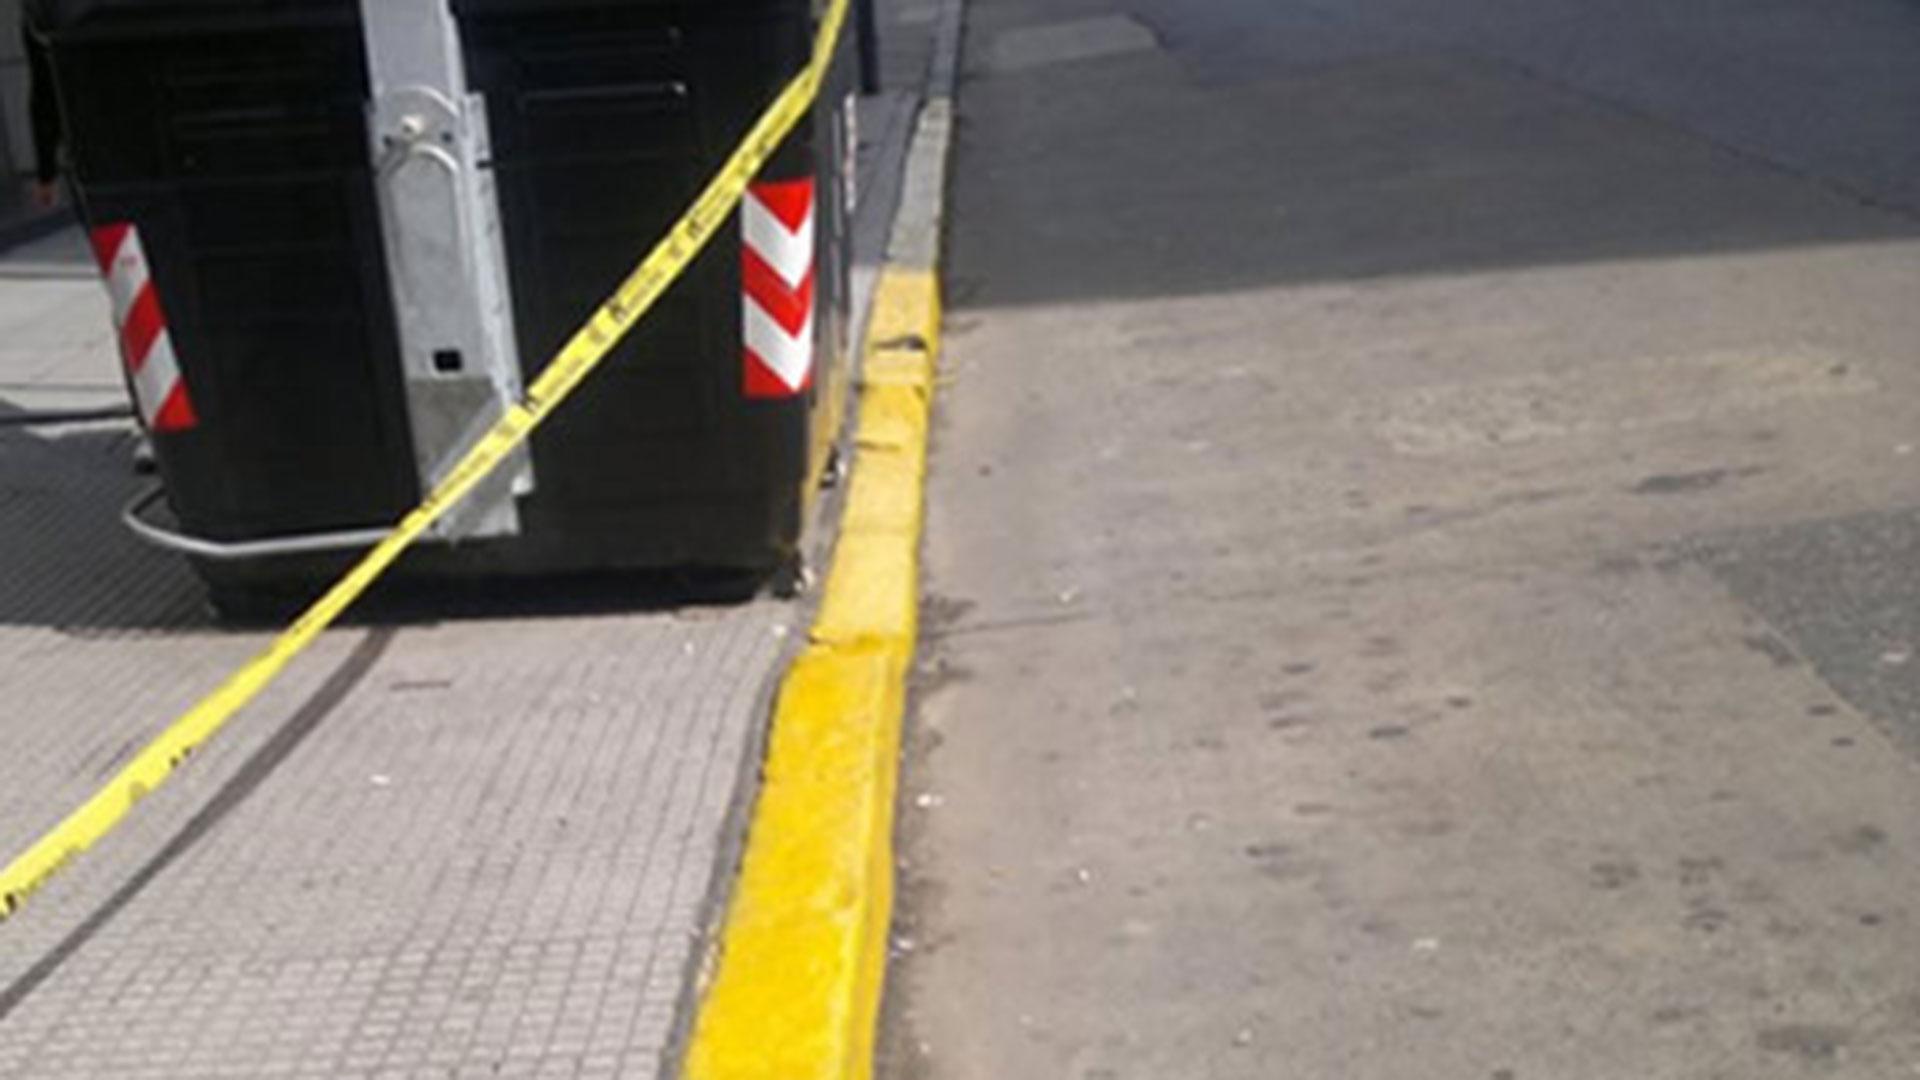 ILEGAL: la línea amarilla fue pintada en un lugar donde no hay garaje